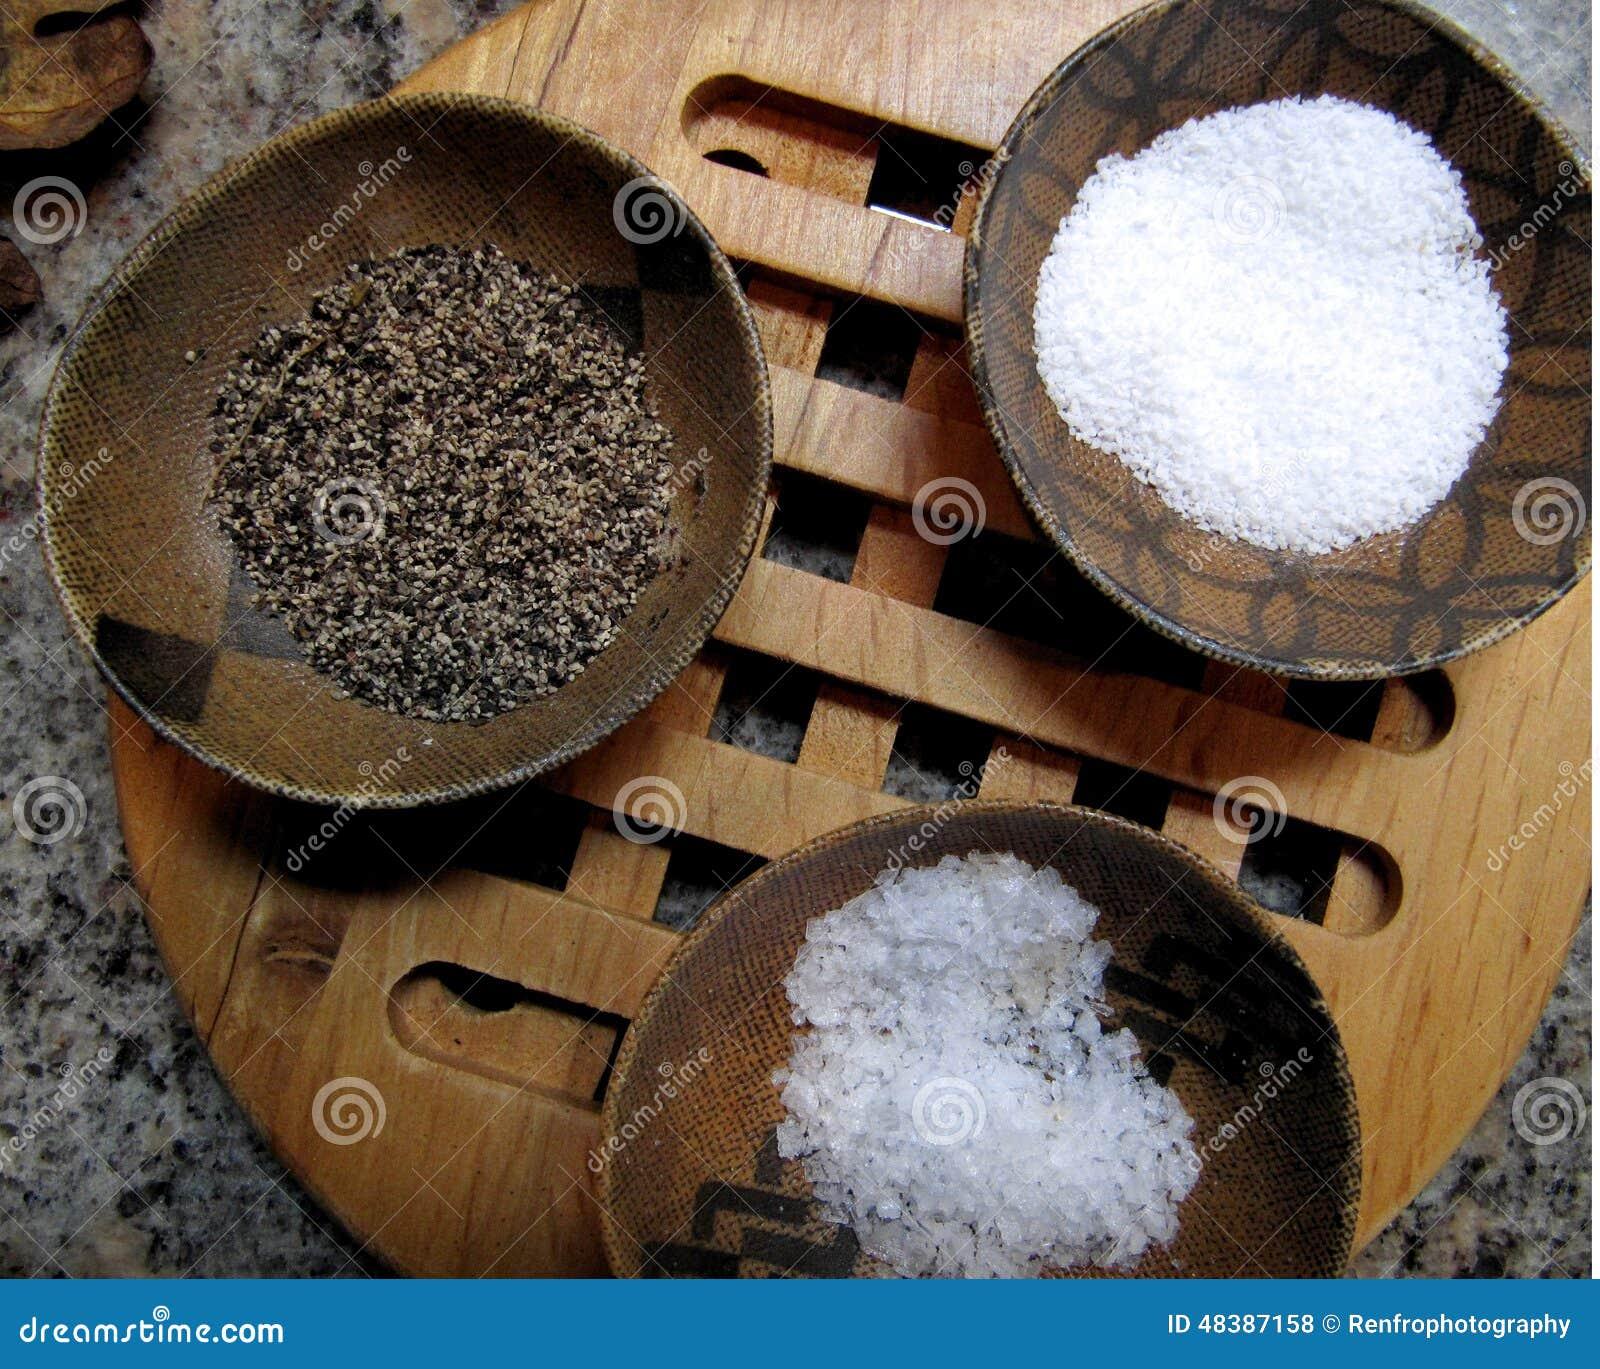 Background Bowls Course Granite Pepper Salt